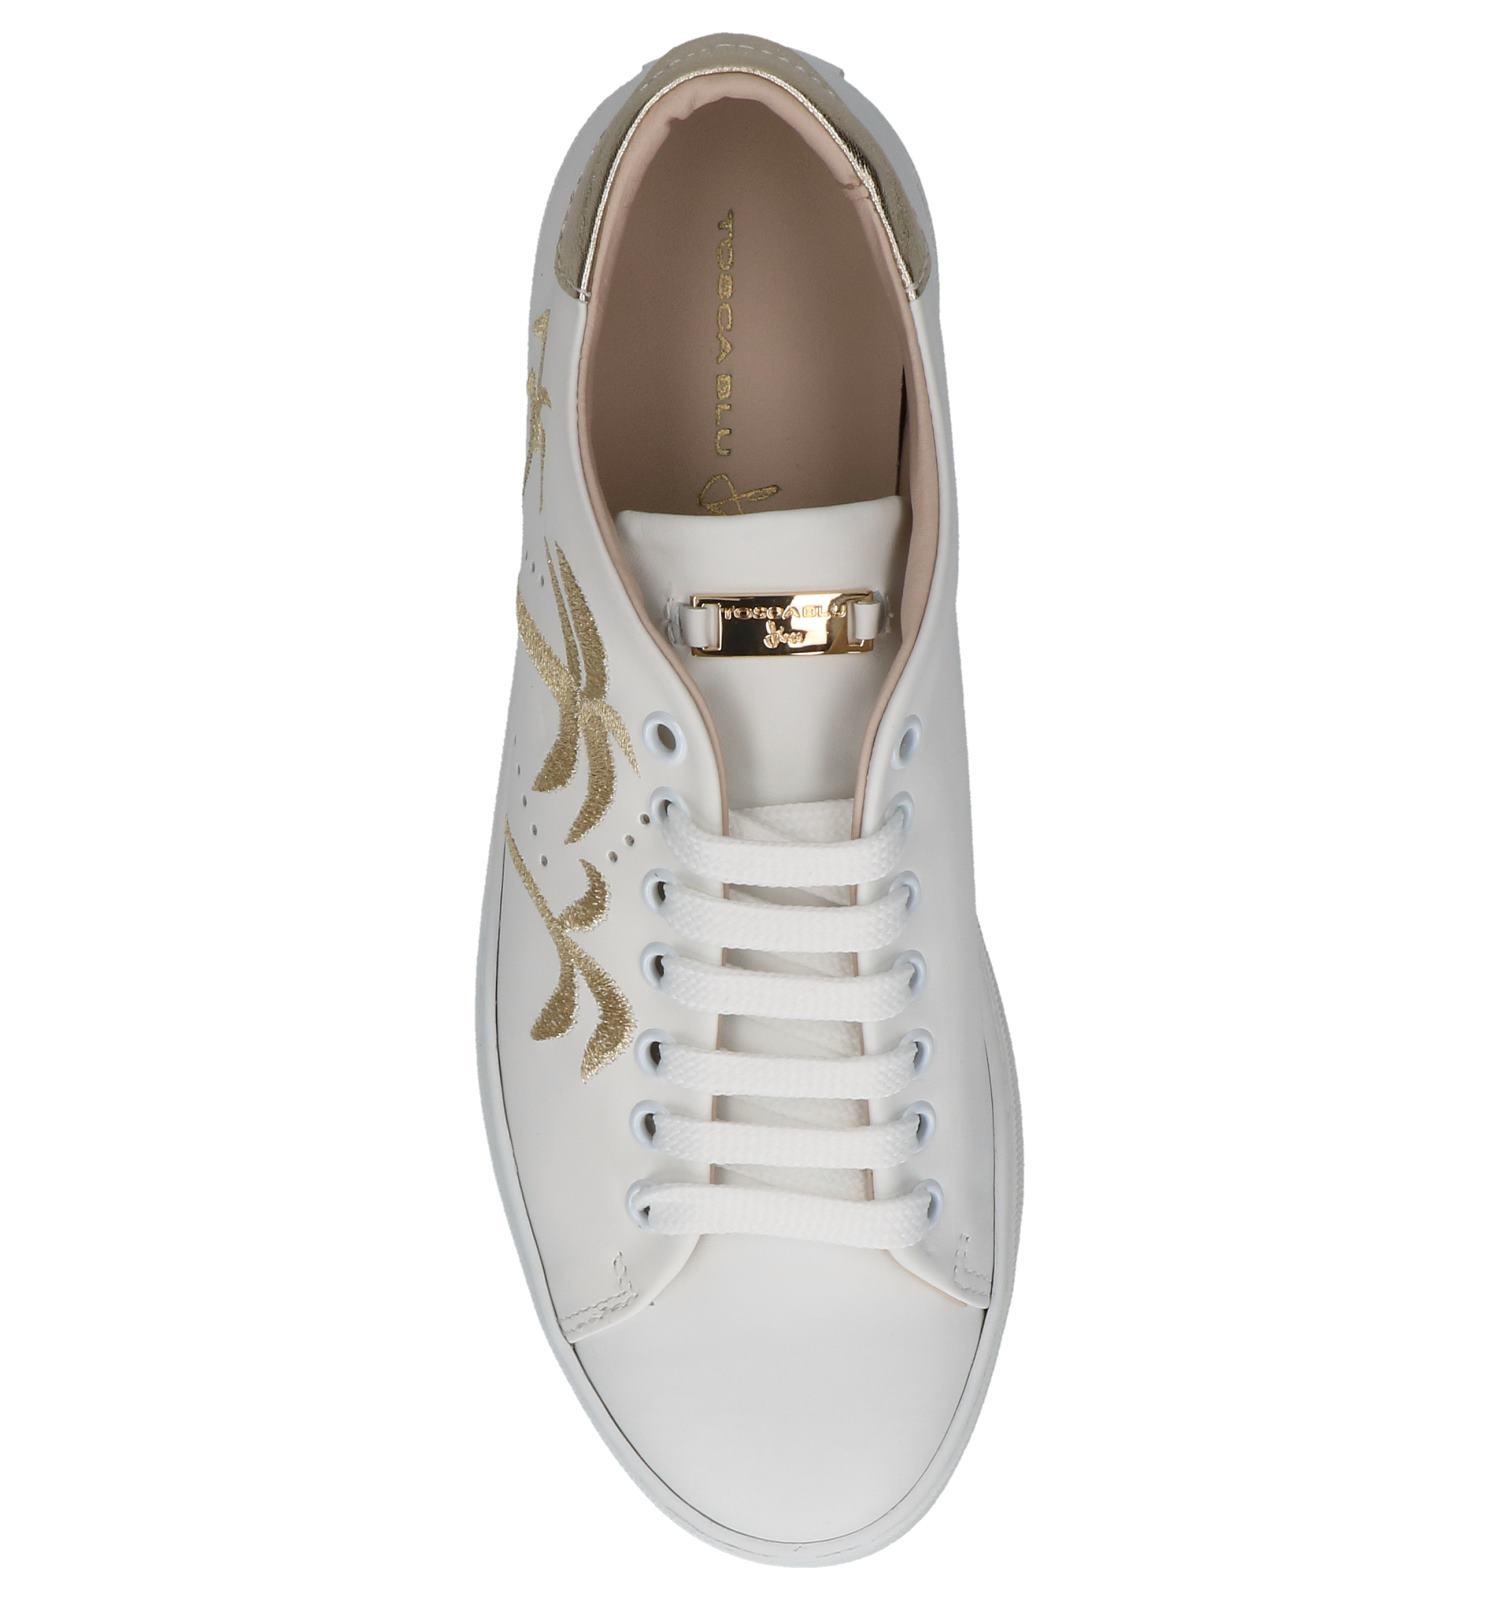 Geklede Sneakers Tosca Blu Wit | SCHOENENTORFS.NL | Gratis